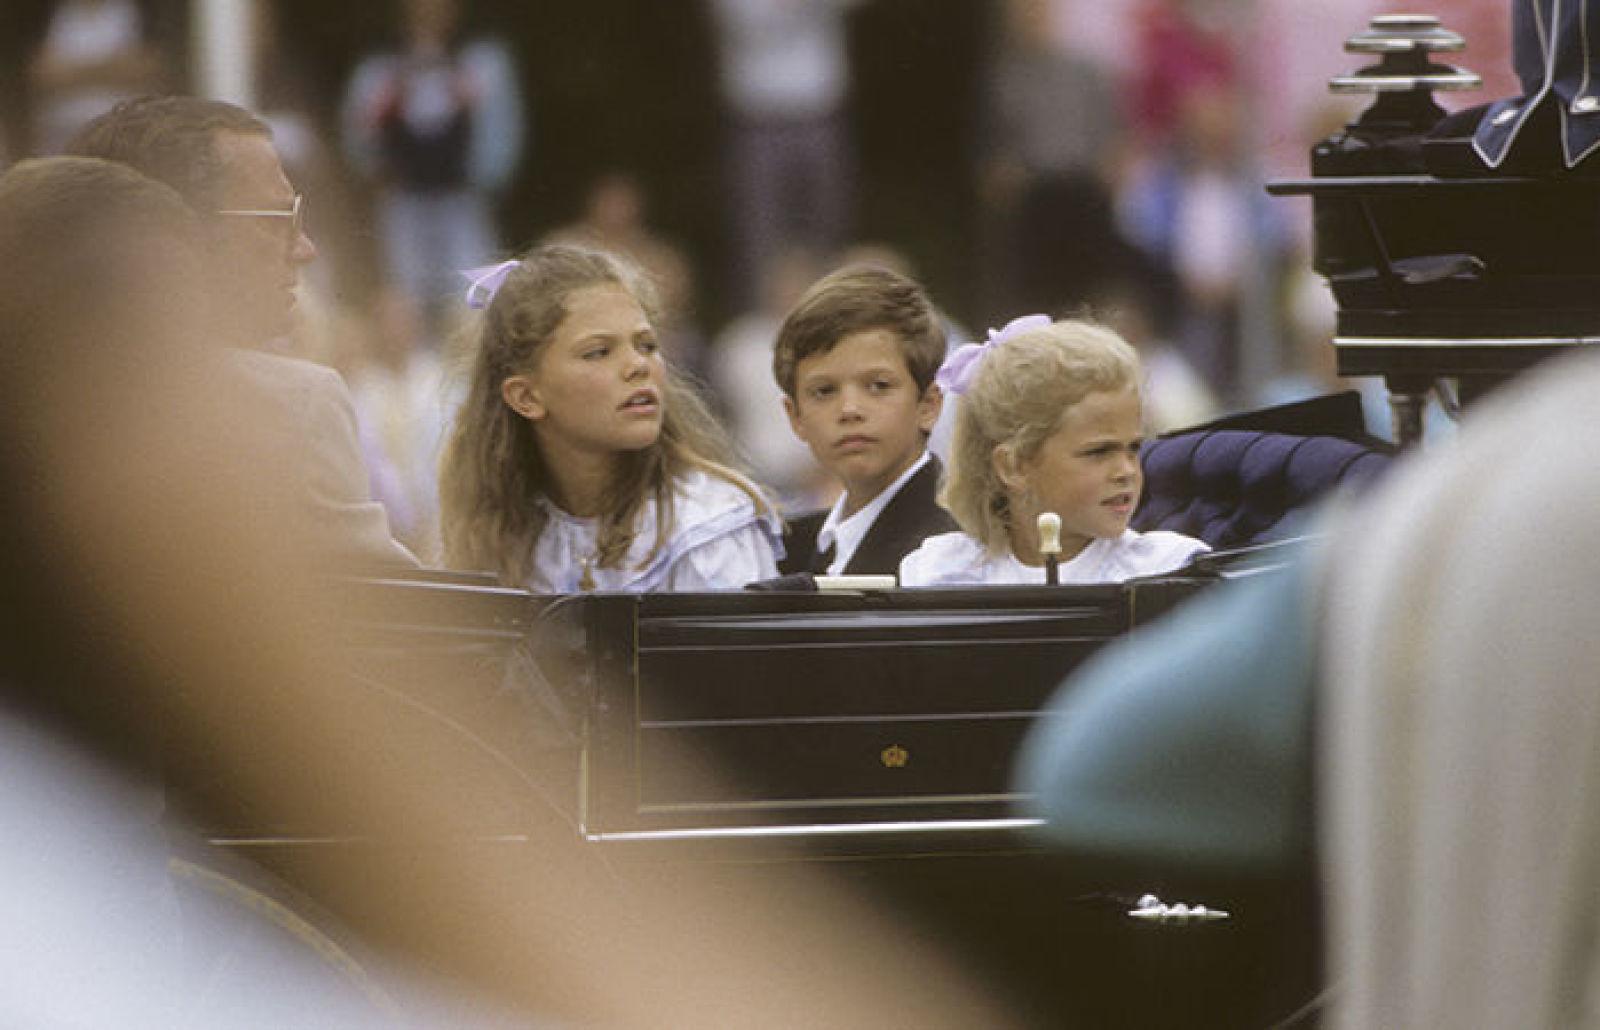 1988 г — королевские дети едут в открытой карете на празднование дня Виктории, на концерт в Боргхольм